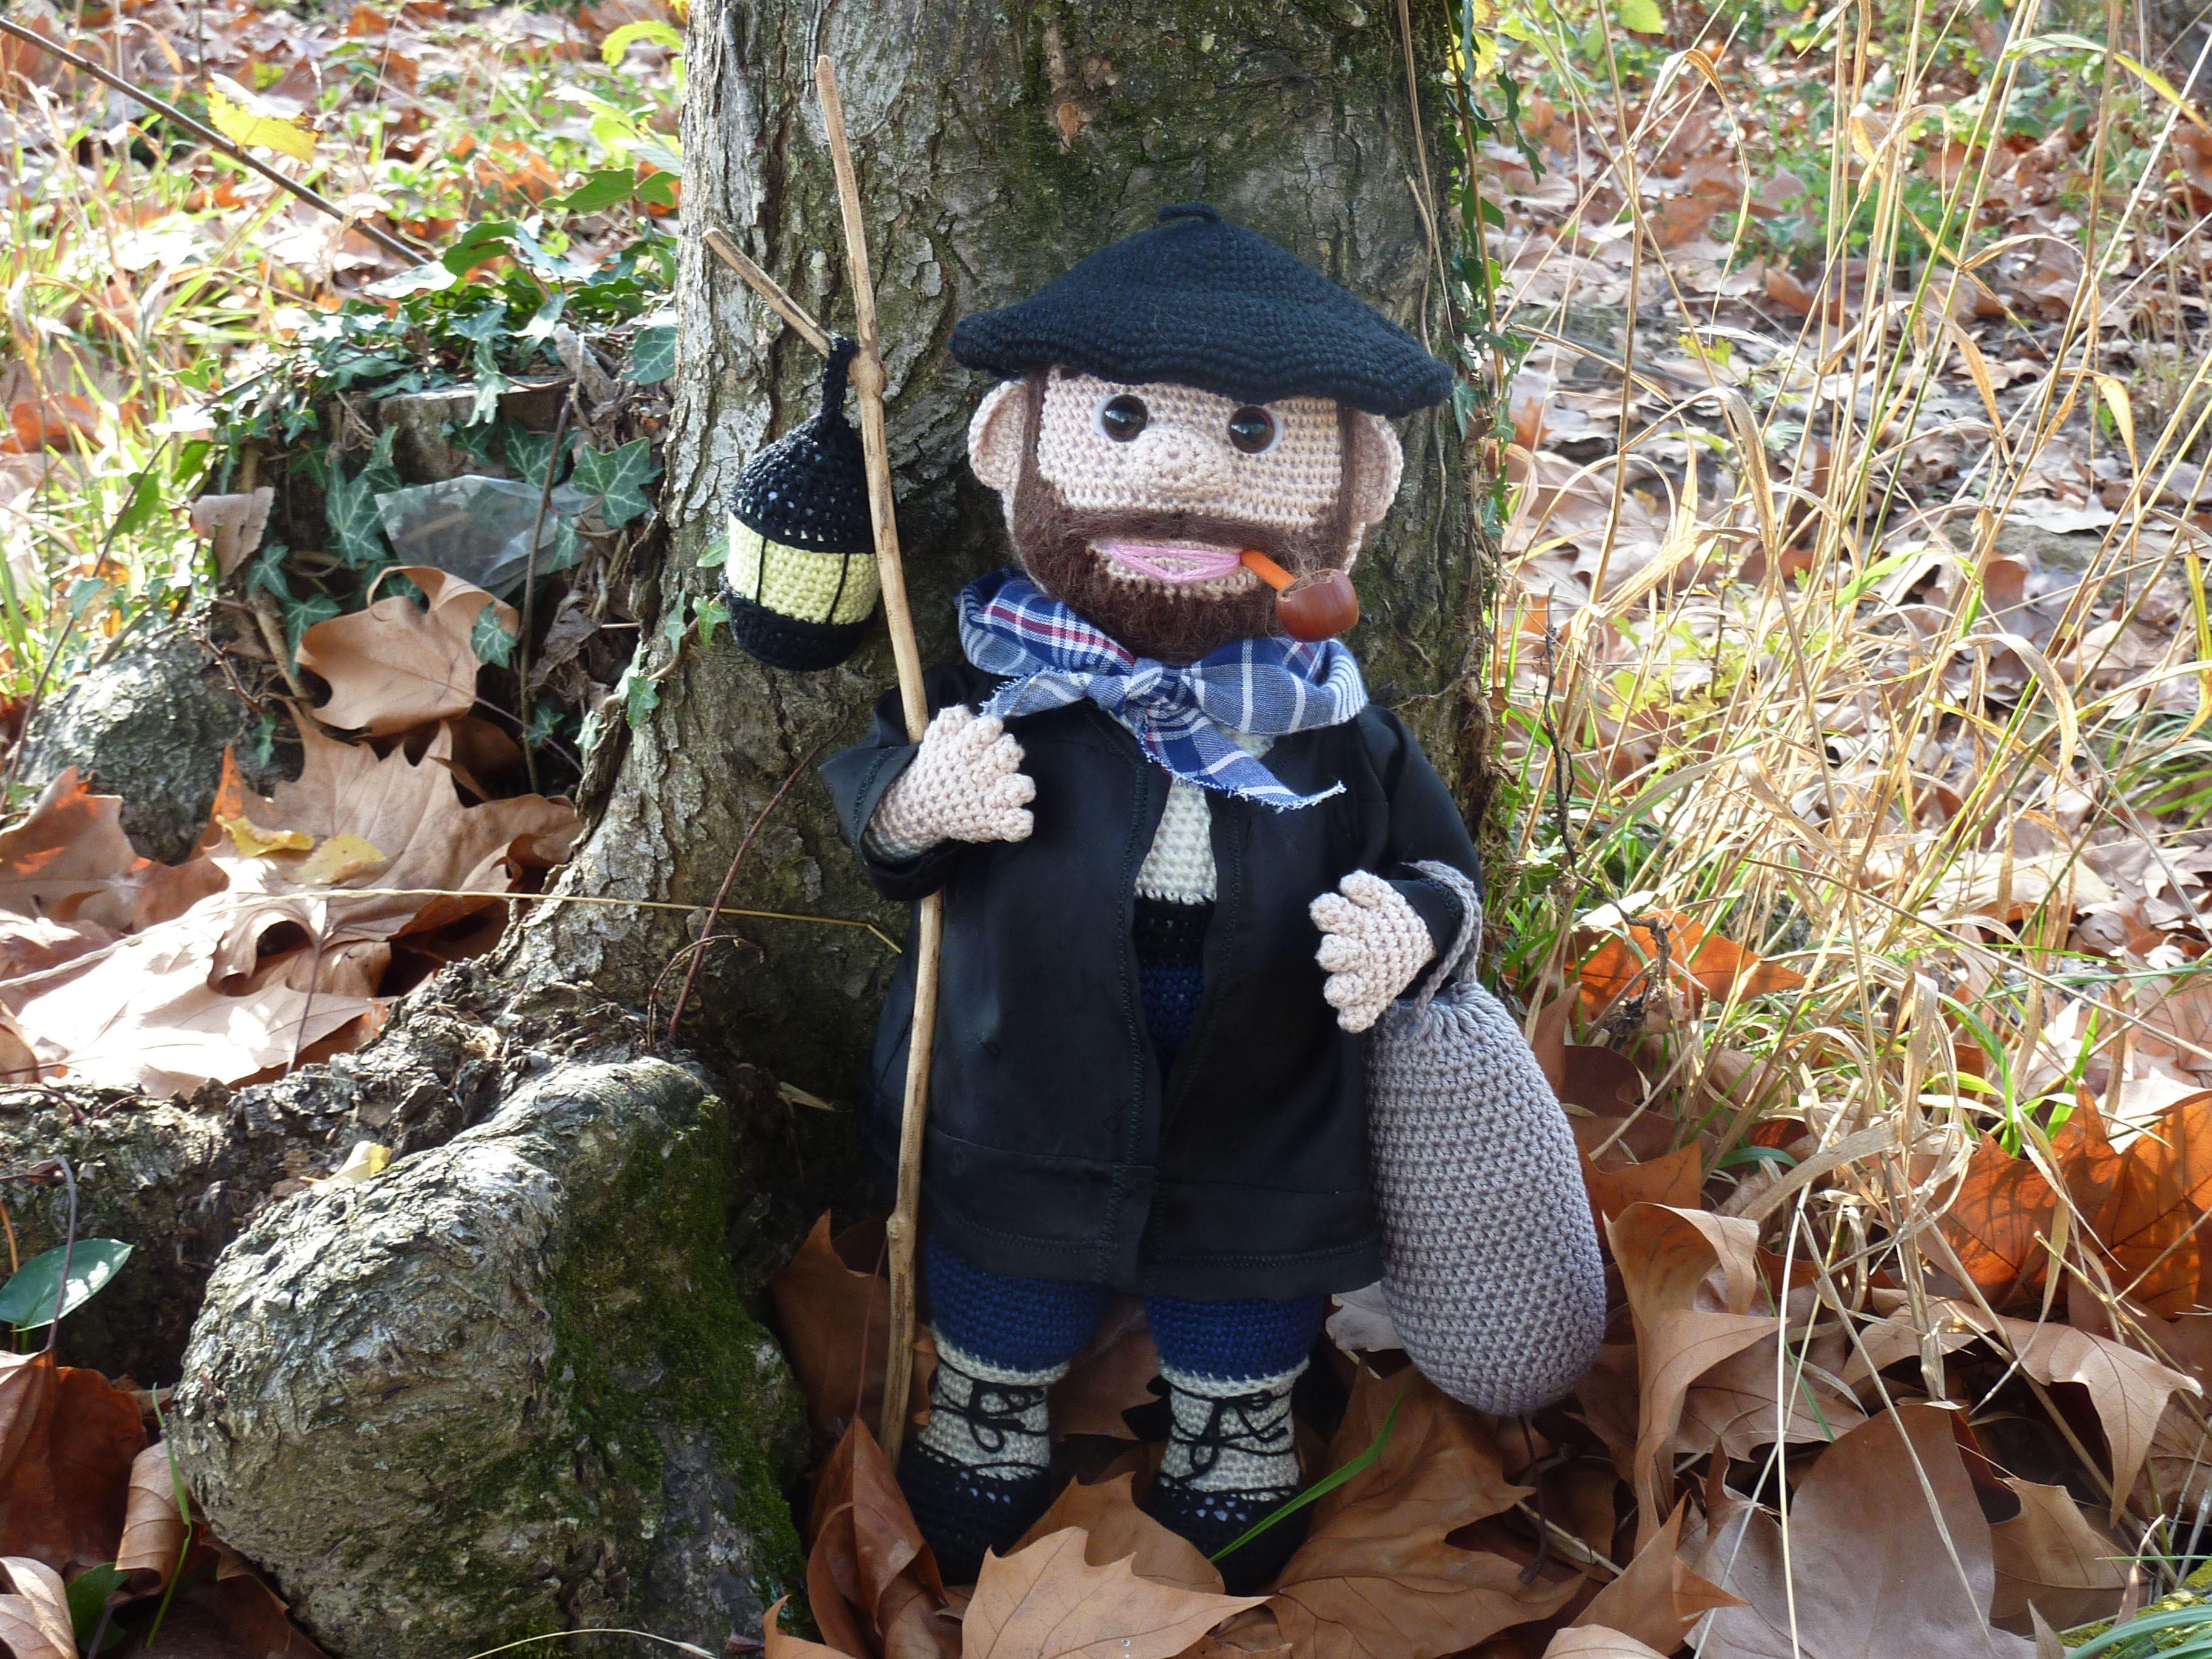 Amigurumi Crochet Personajes : Olentzero amigurumis sin patron personaje tipico navideÑo de